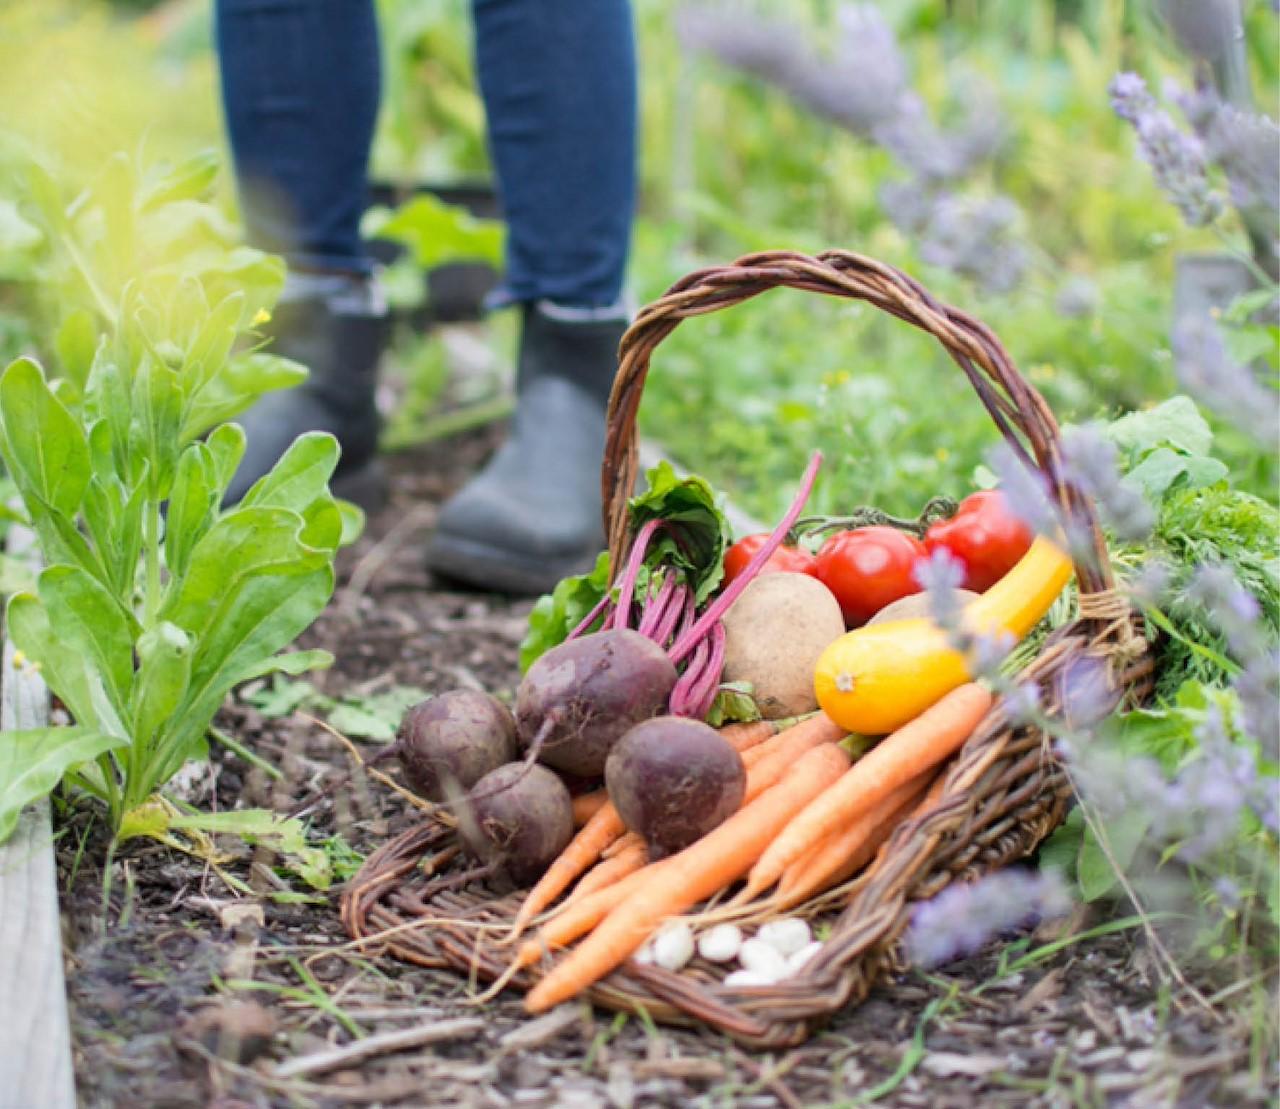 Moestuin augustus: volop oogsten, maar nog lang niet het einde